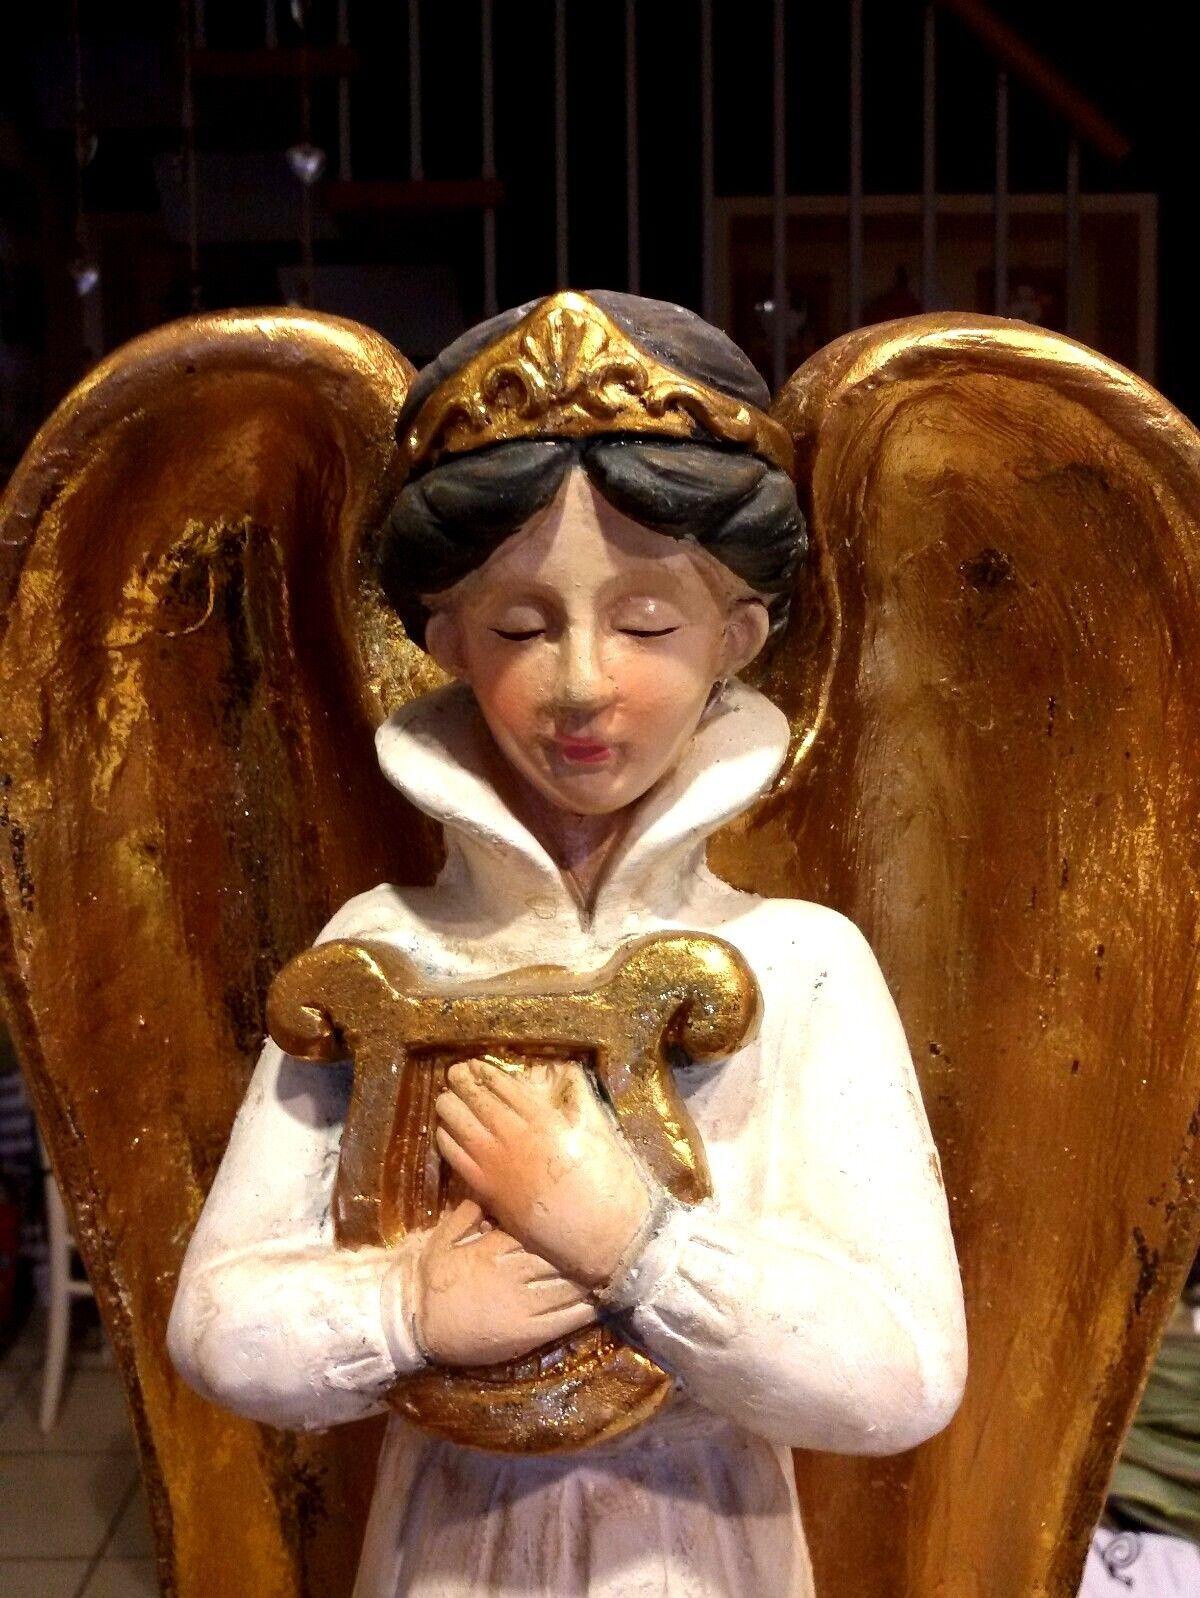 ANGELO DECORAZIONE NATALIZIA CON LIRA ALI DORATE STATUA in gesso cm65 ADDOBBI